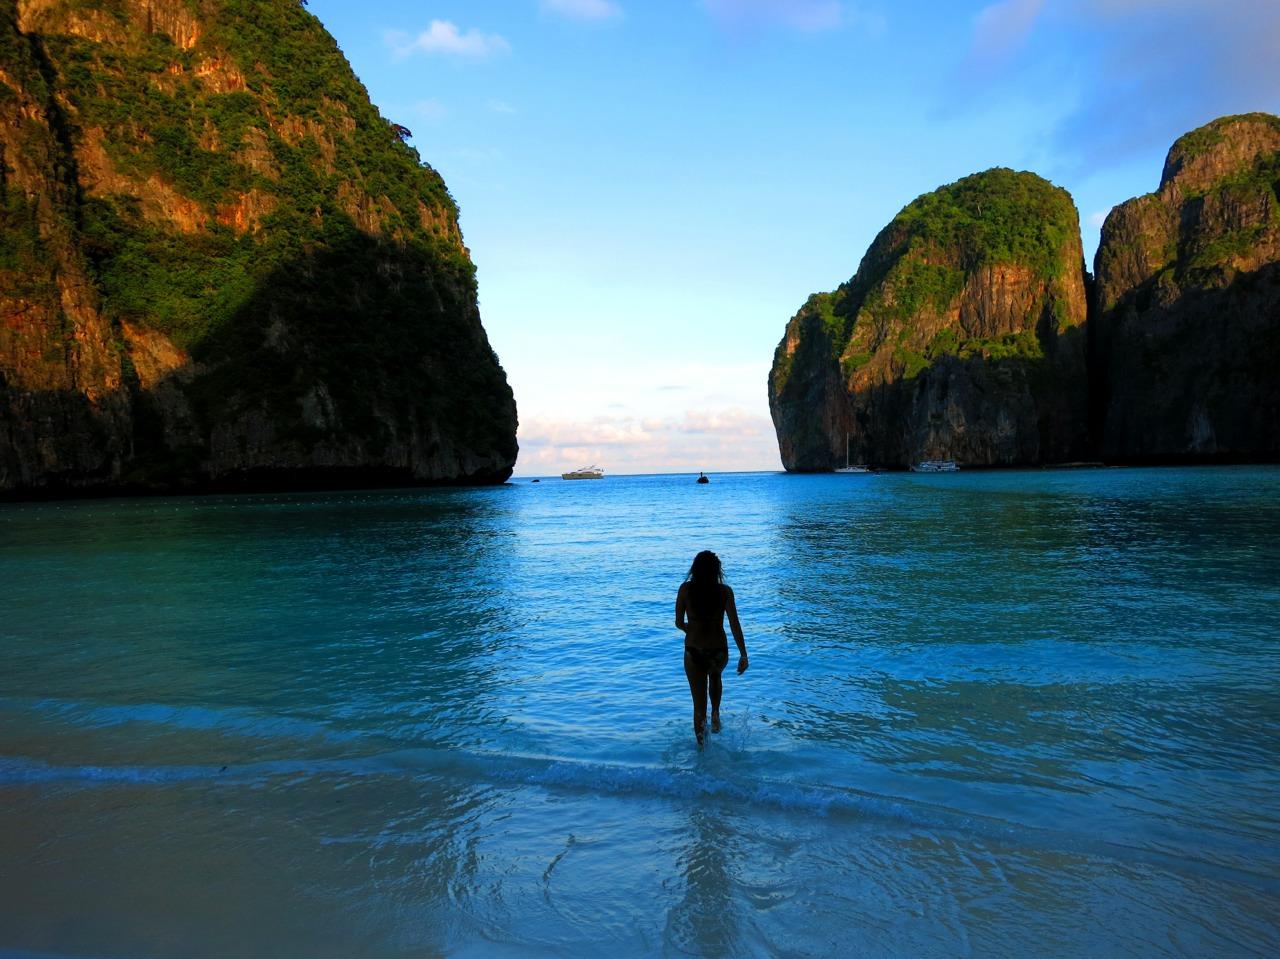 Maya Bay, Koh Phi Phi Leh